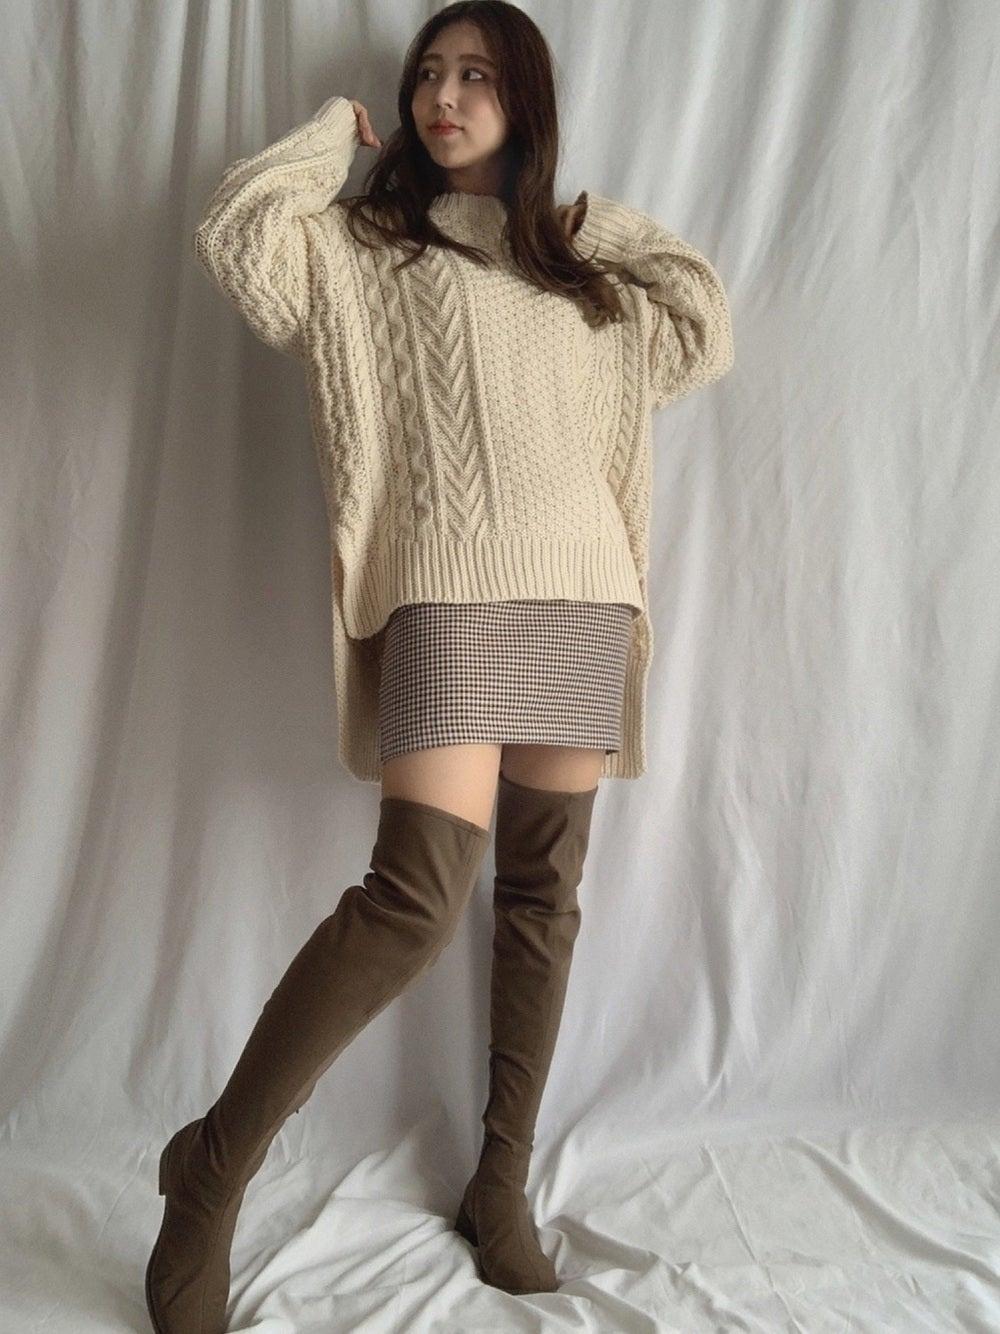 ニットにグレンチェックのスカートのコーデ